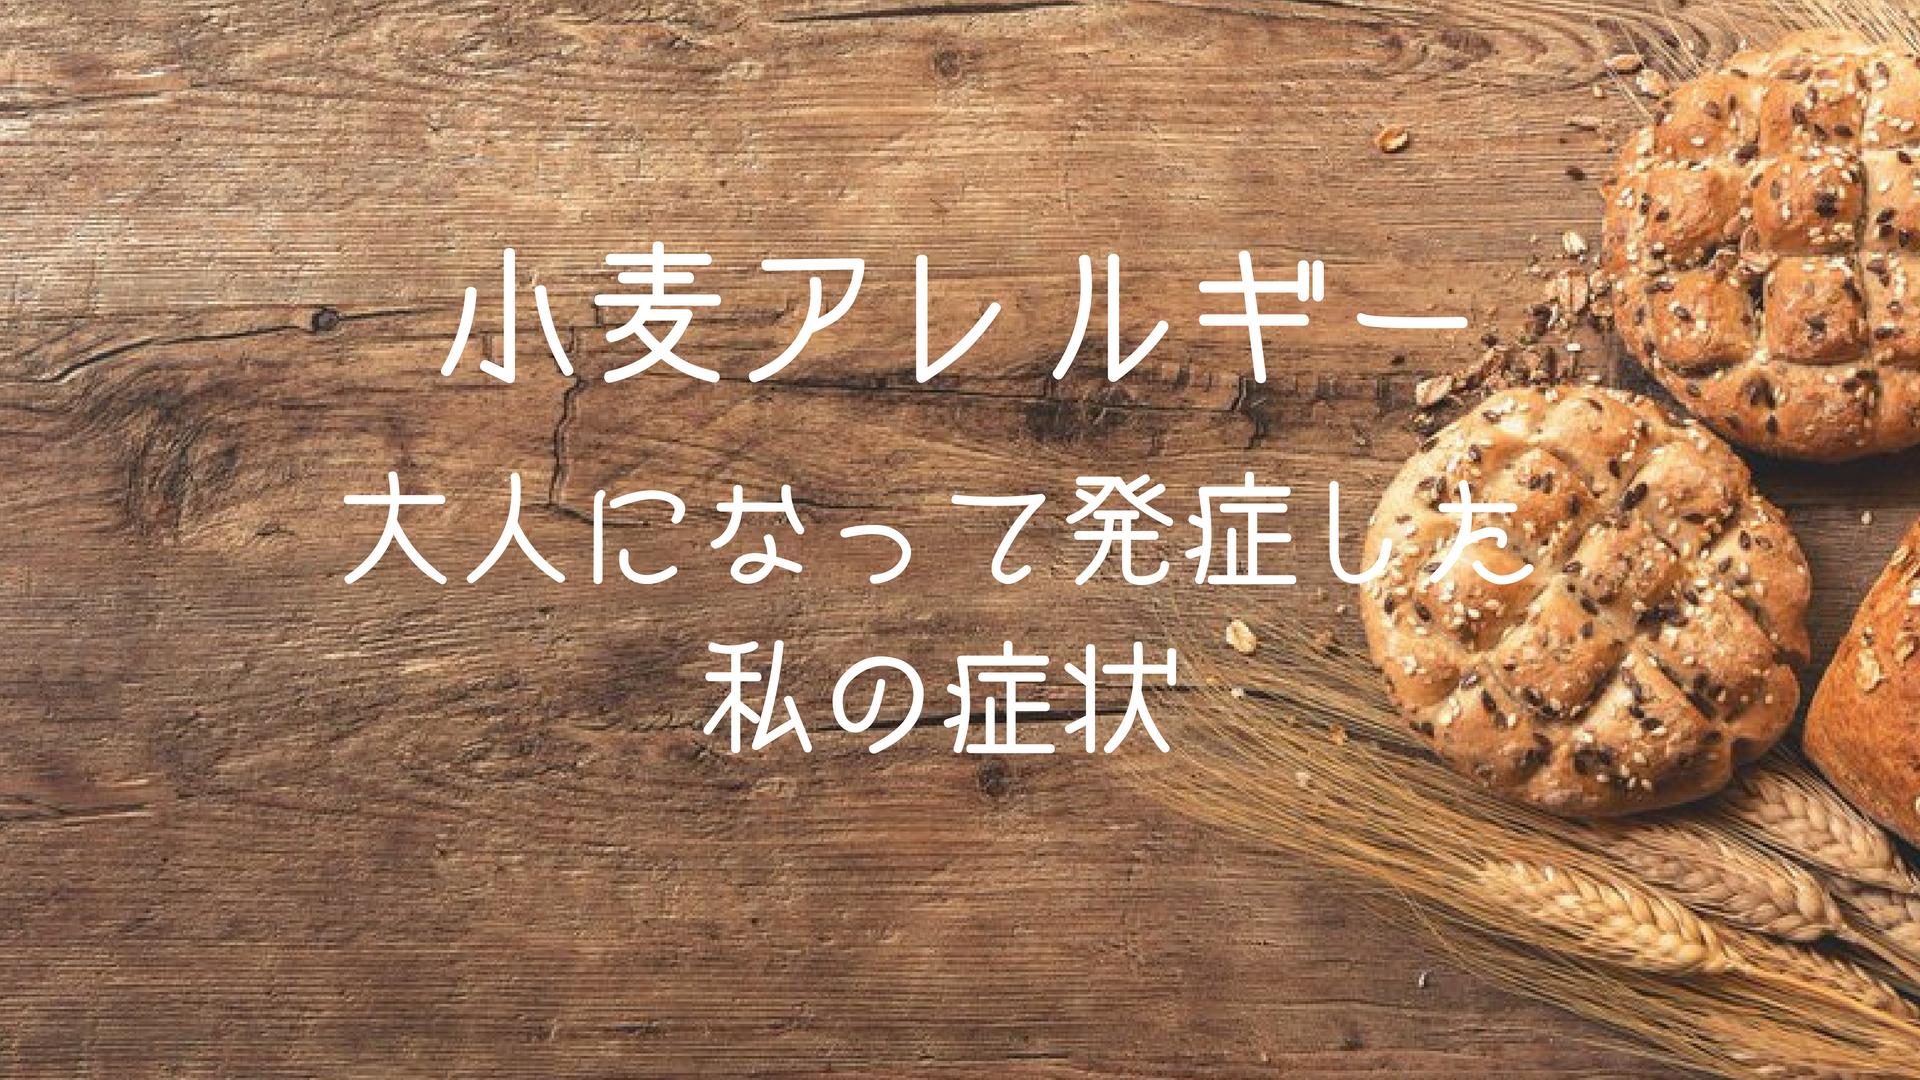 アレルギー 小麦粉